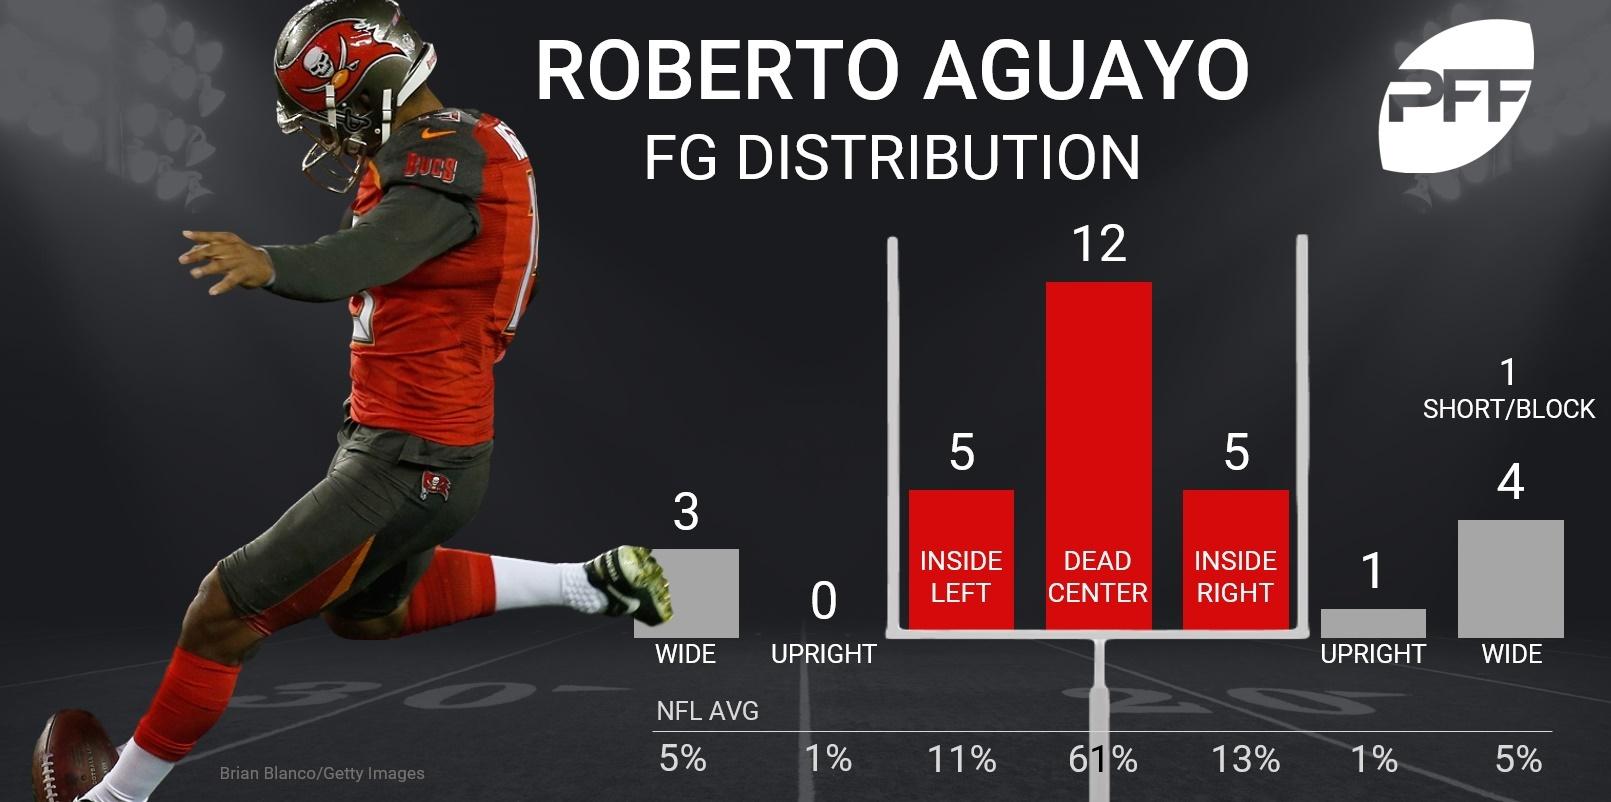 Roberto Aguayo